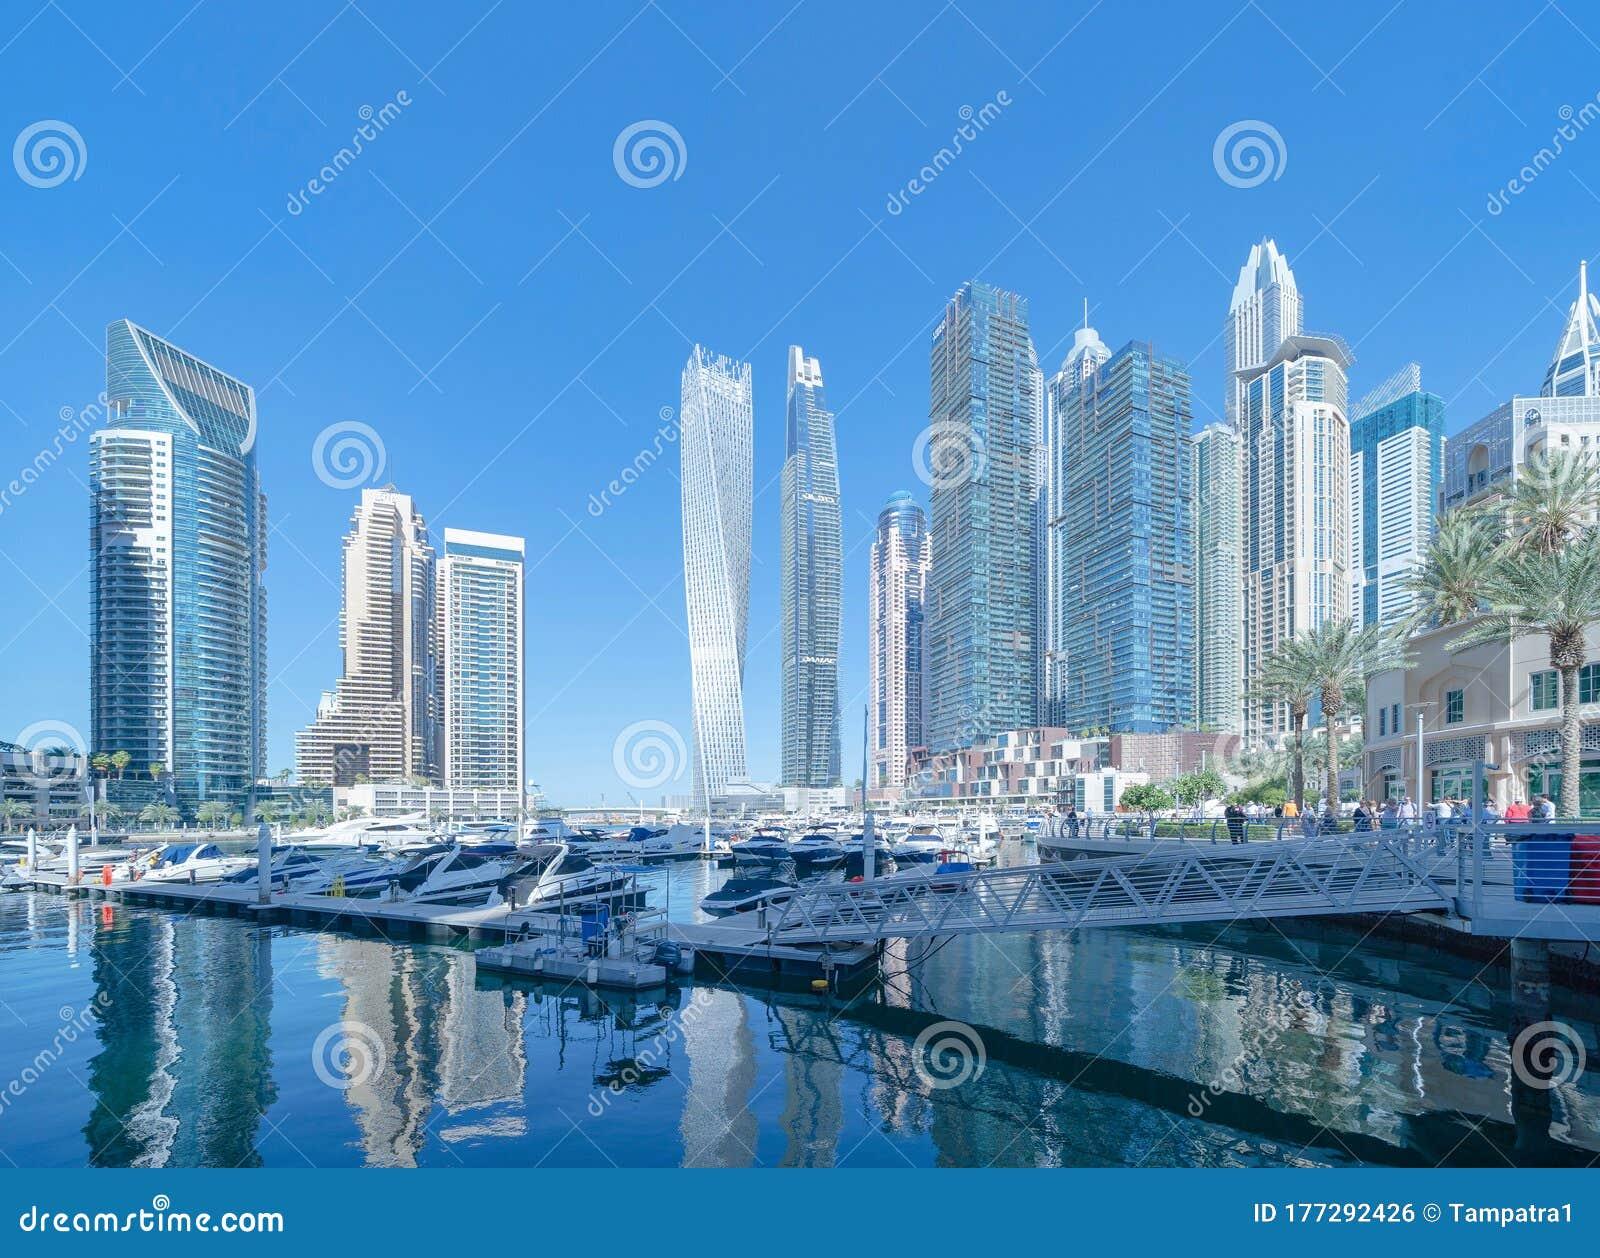 Дубай какая область купить дом за границей у моря